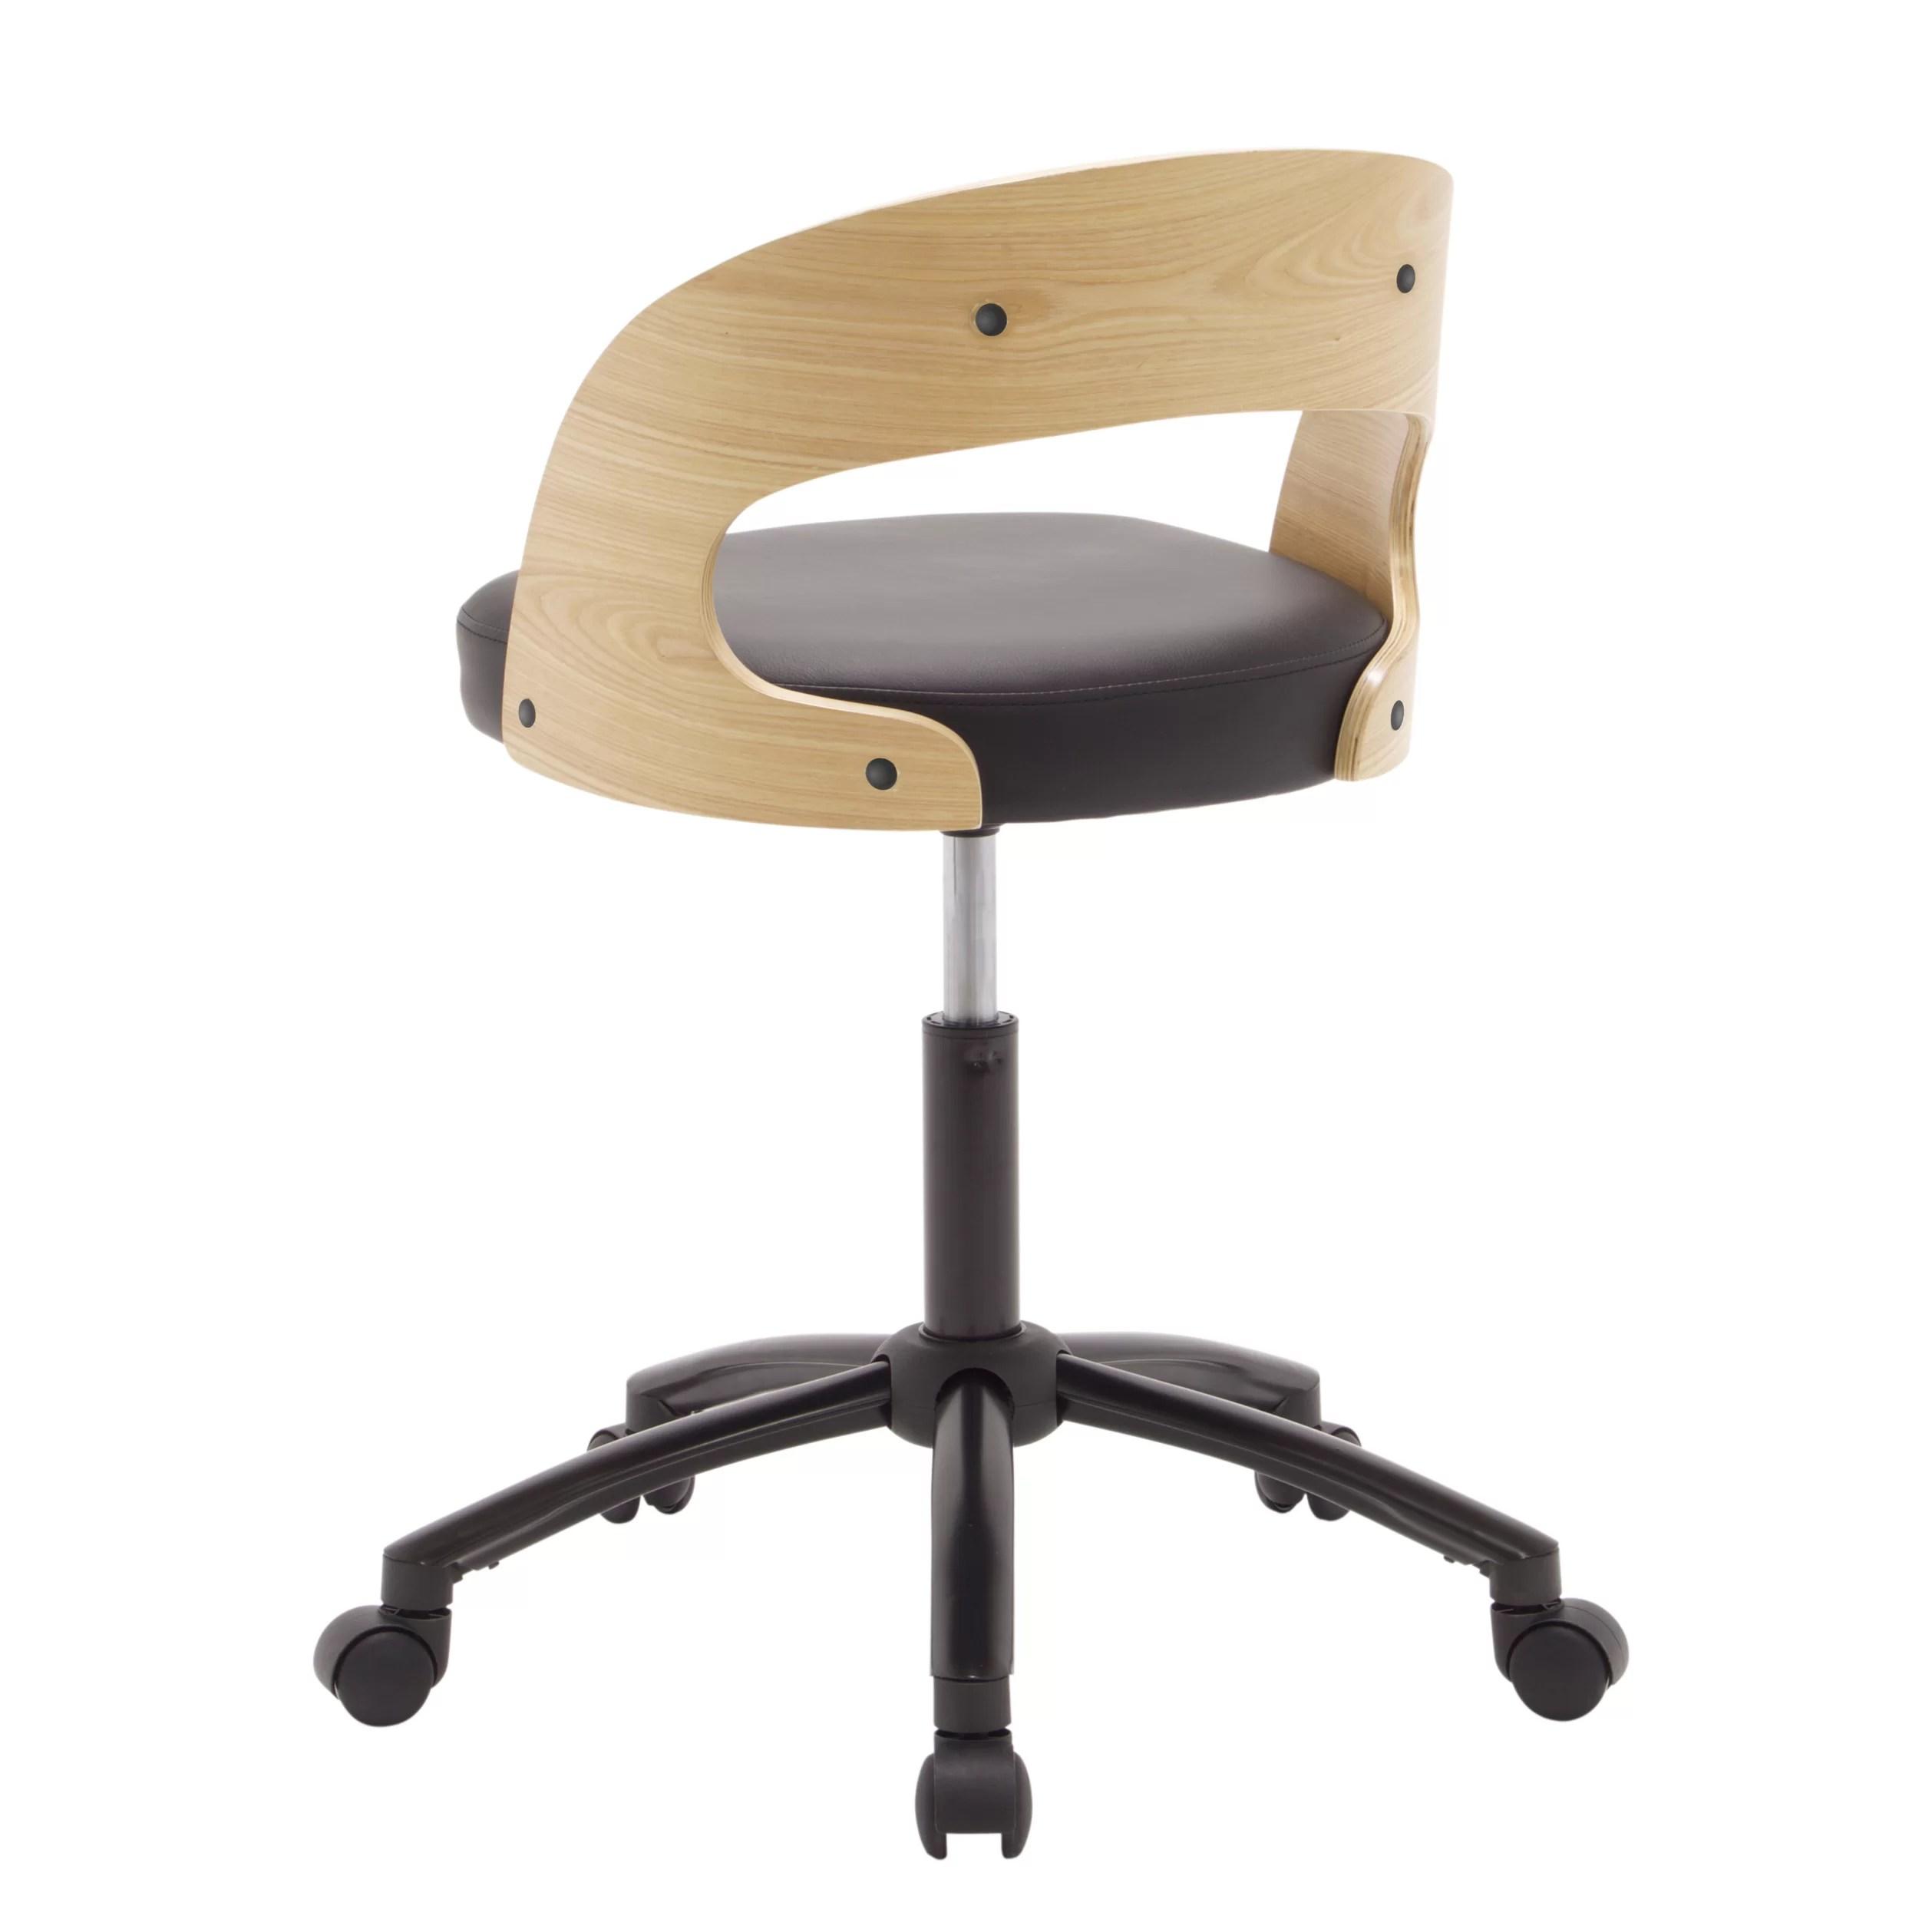 desk chair is too low black living room studio designs back wayfair